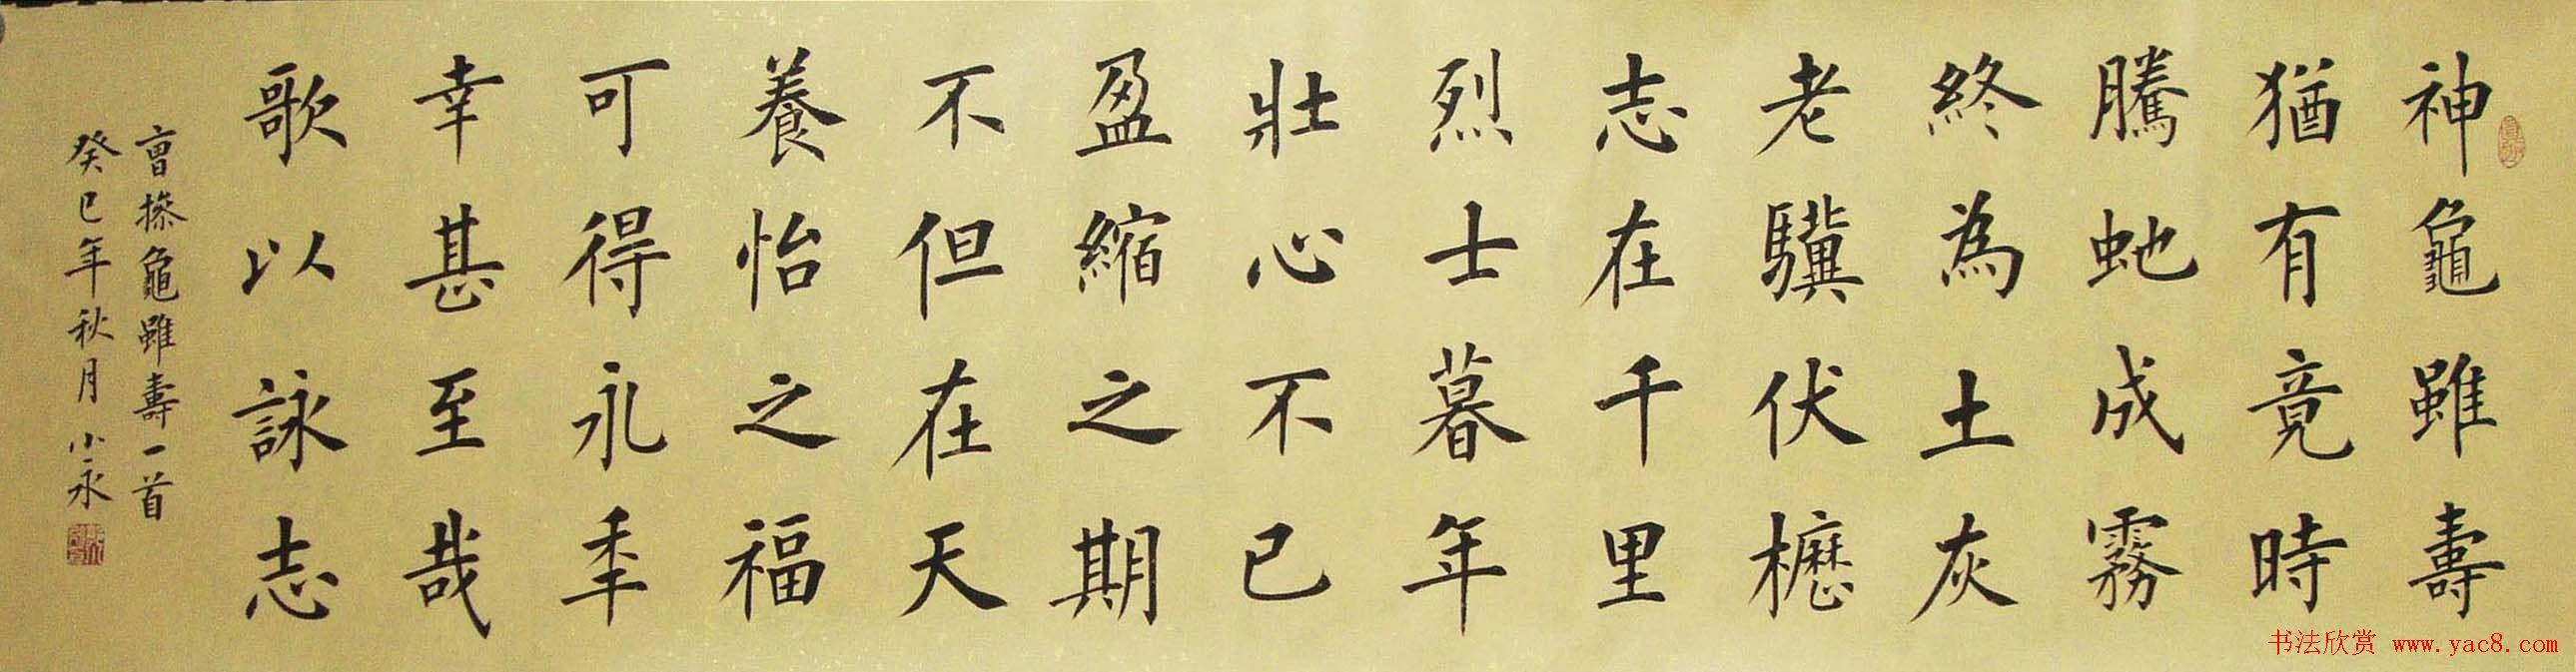 河北郭小永楷书书法作品图片